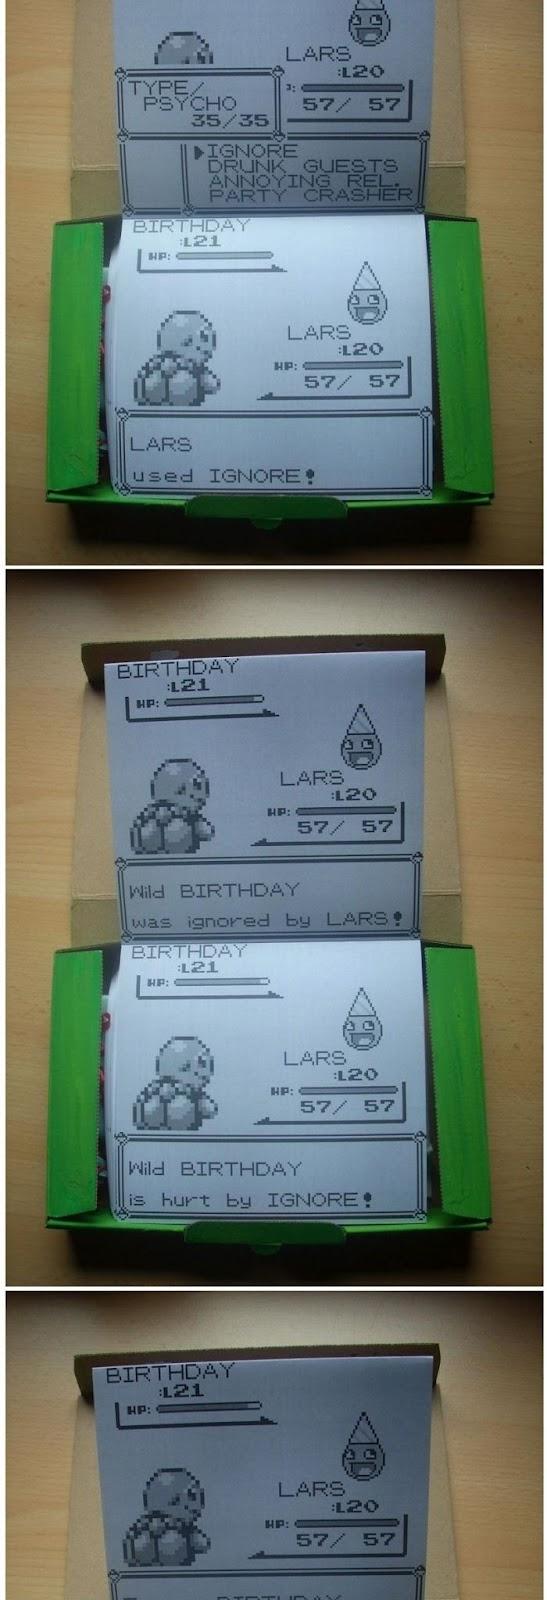 【画像】ポケモンの戦闘画面方式の誕生日ギフトカード